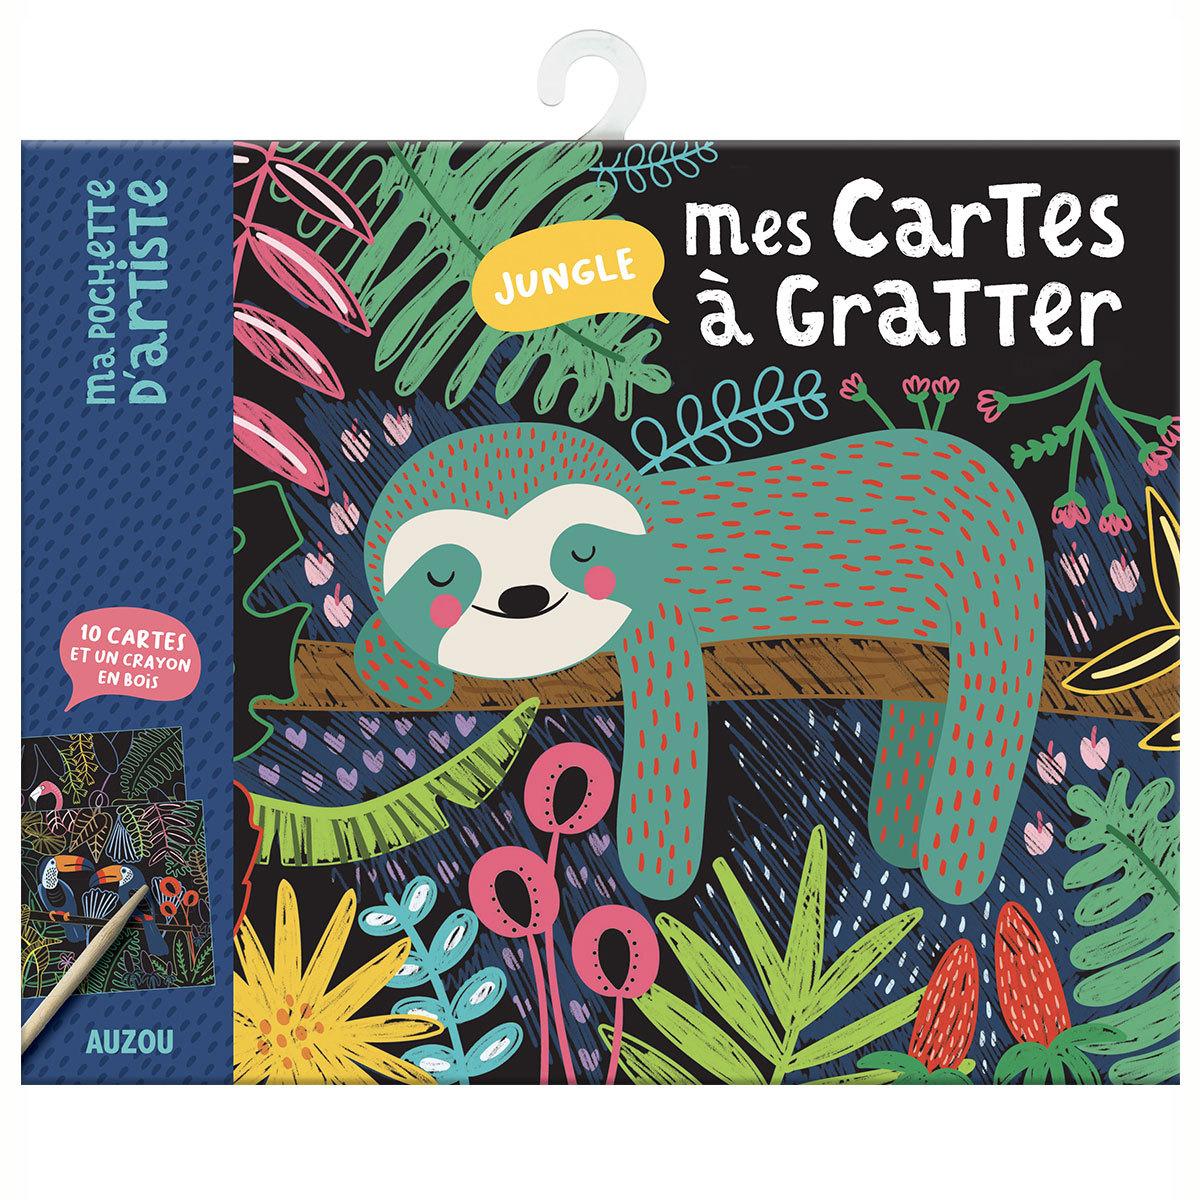 Livre & Carte Mes Cartes à Gratter - Jungle Mes Cartes à Gratter - Jungle